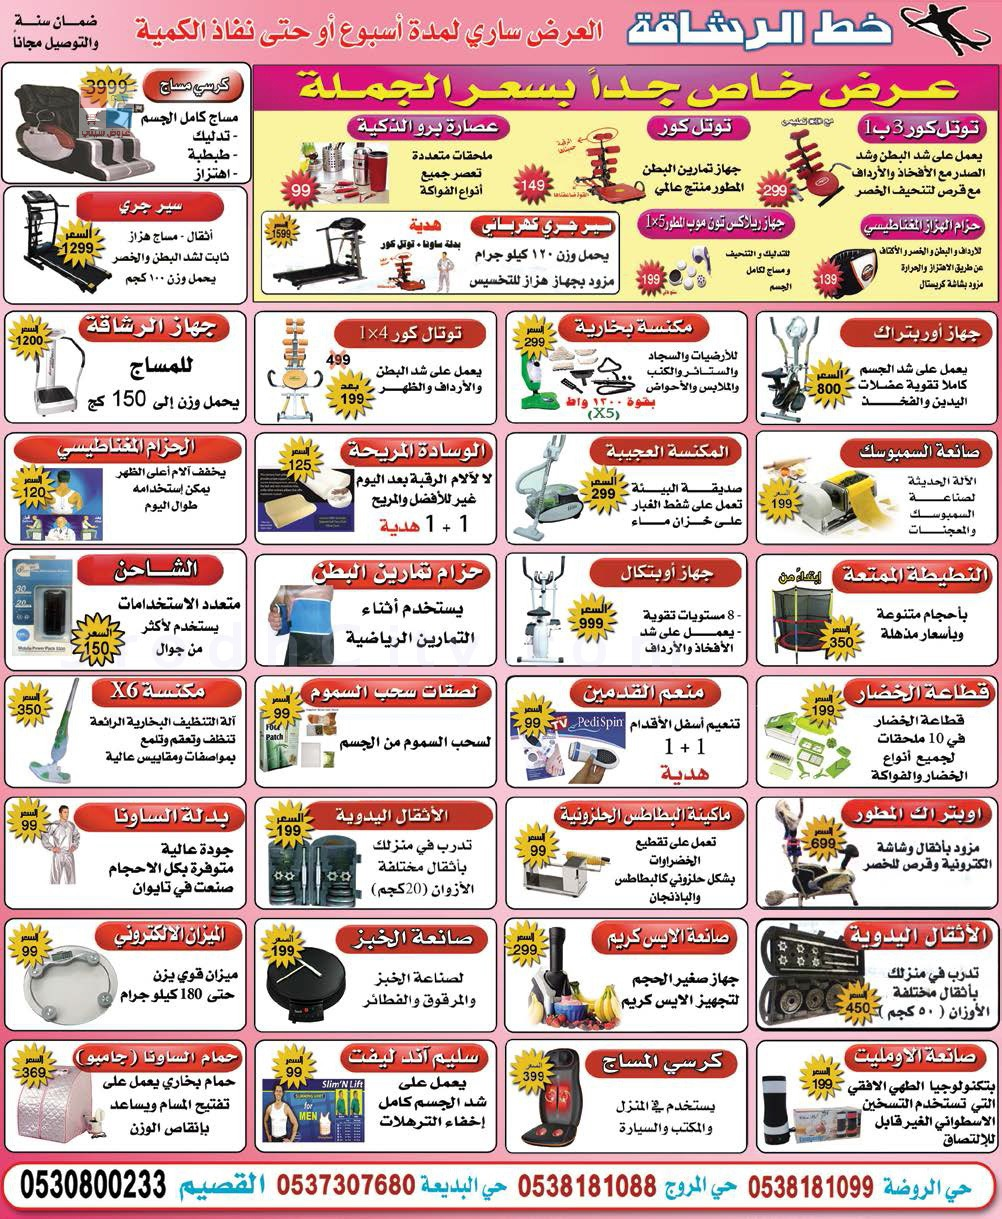 خط الرشاقة في الرياض YToAxE.jpg